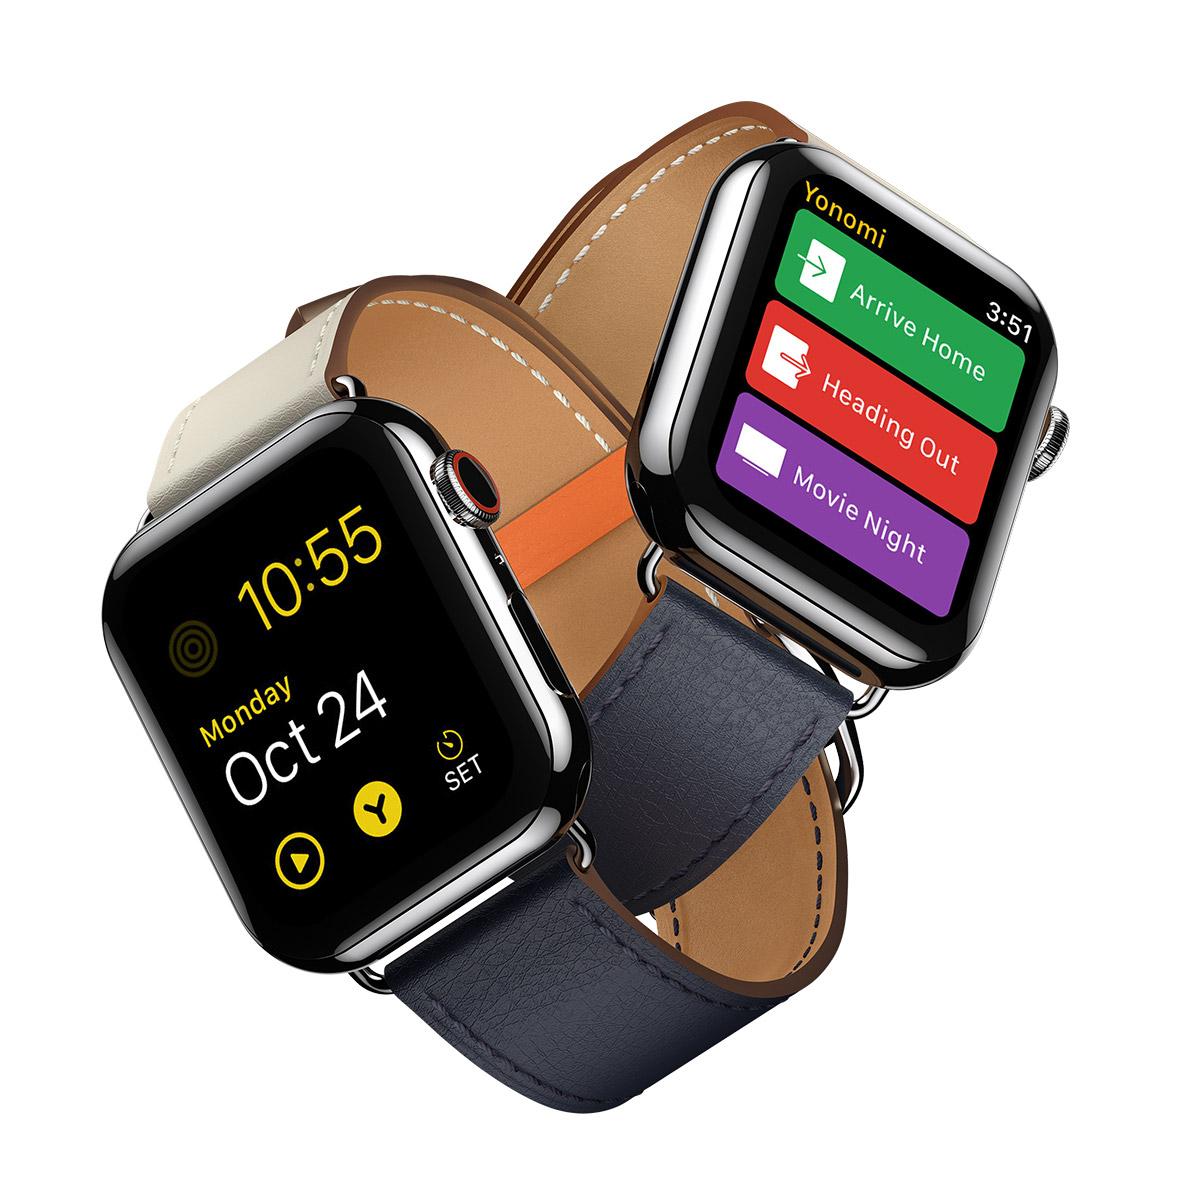 Yonomi - Yonomi App iOS Apple Watch.jpg